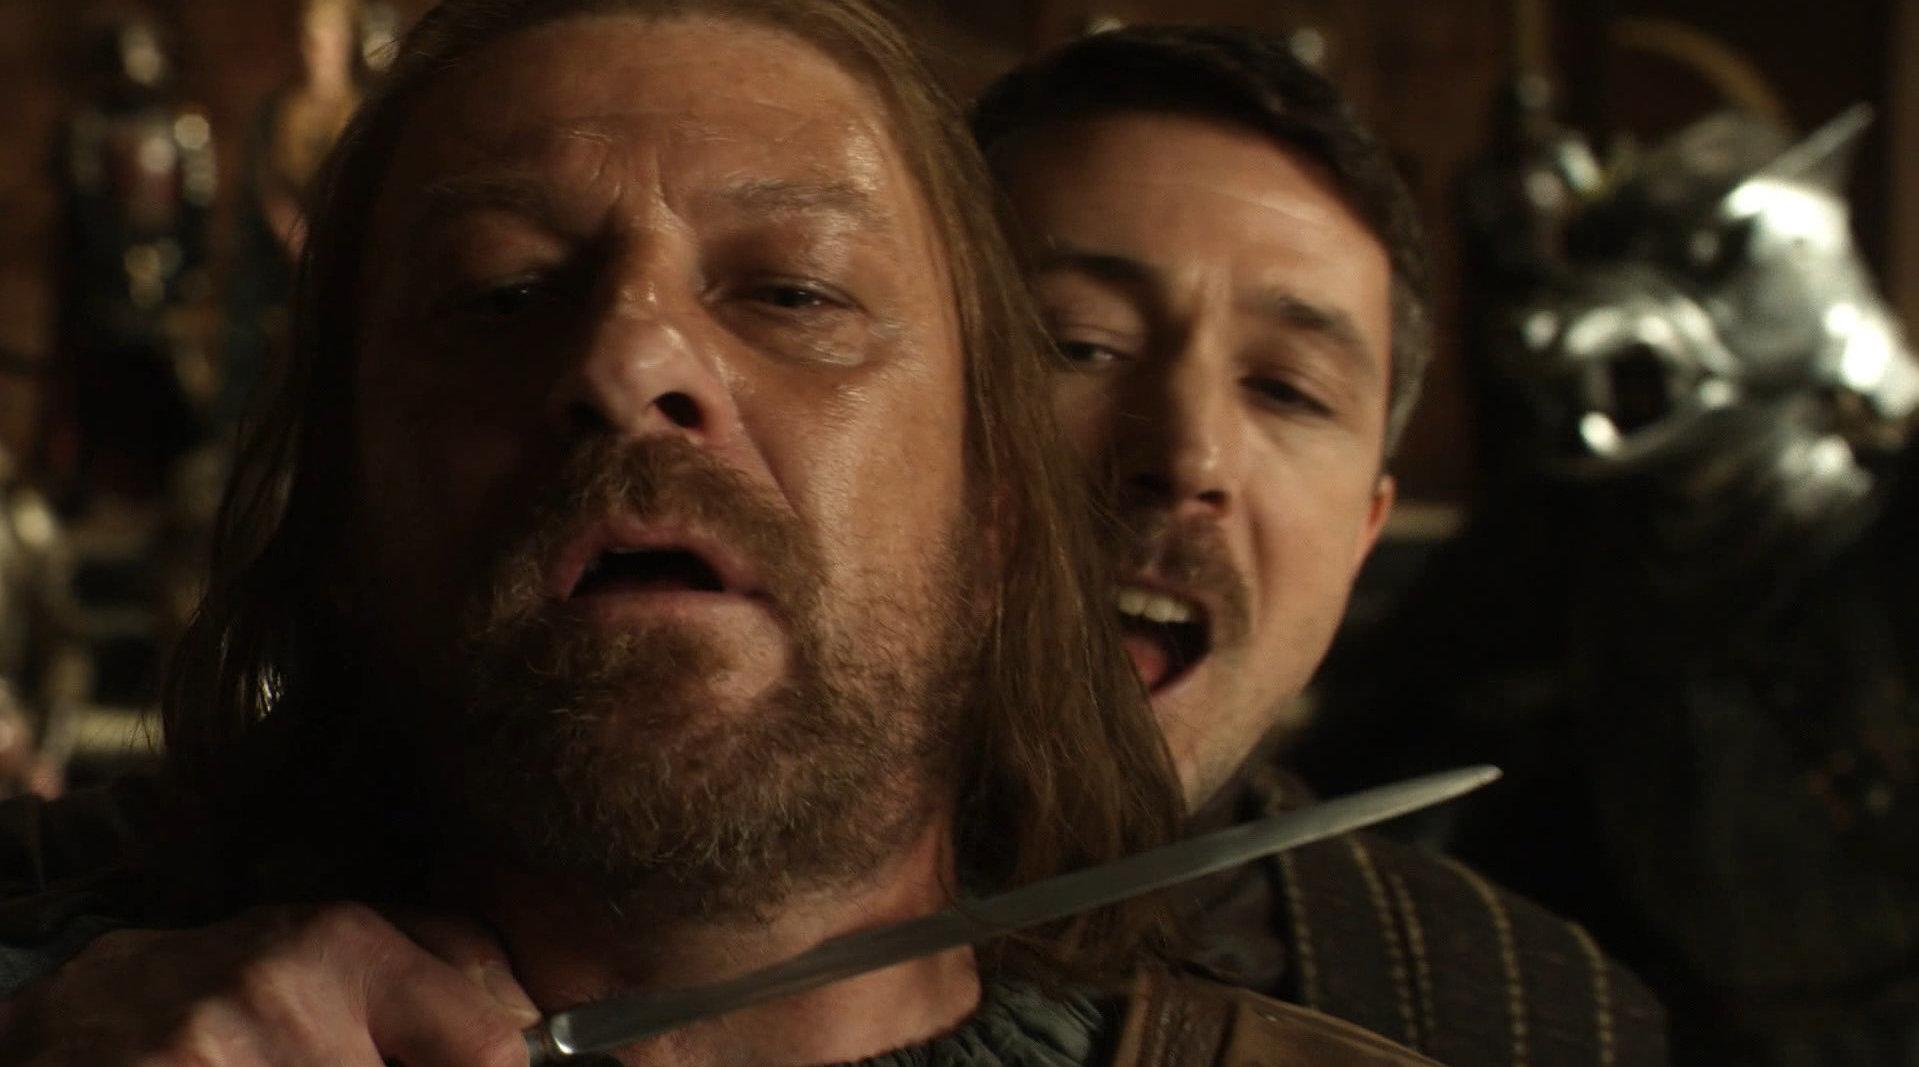 君临城国王惨遭陷害而死,斯塔克家族首脑被抓,瑟曦之子趁势登基